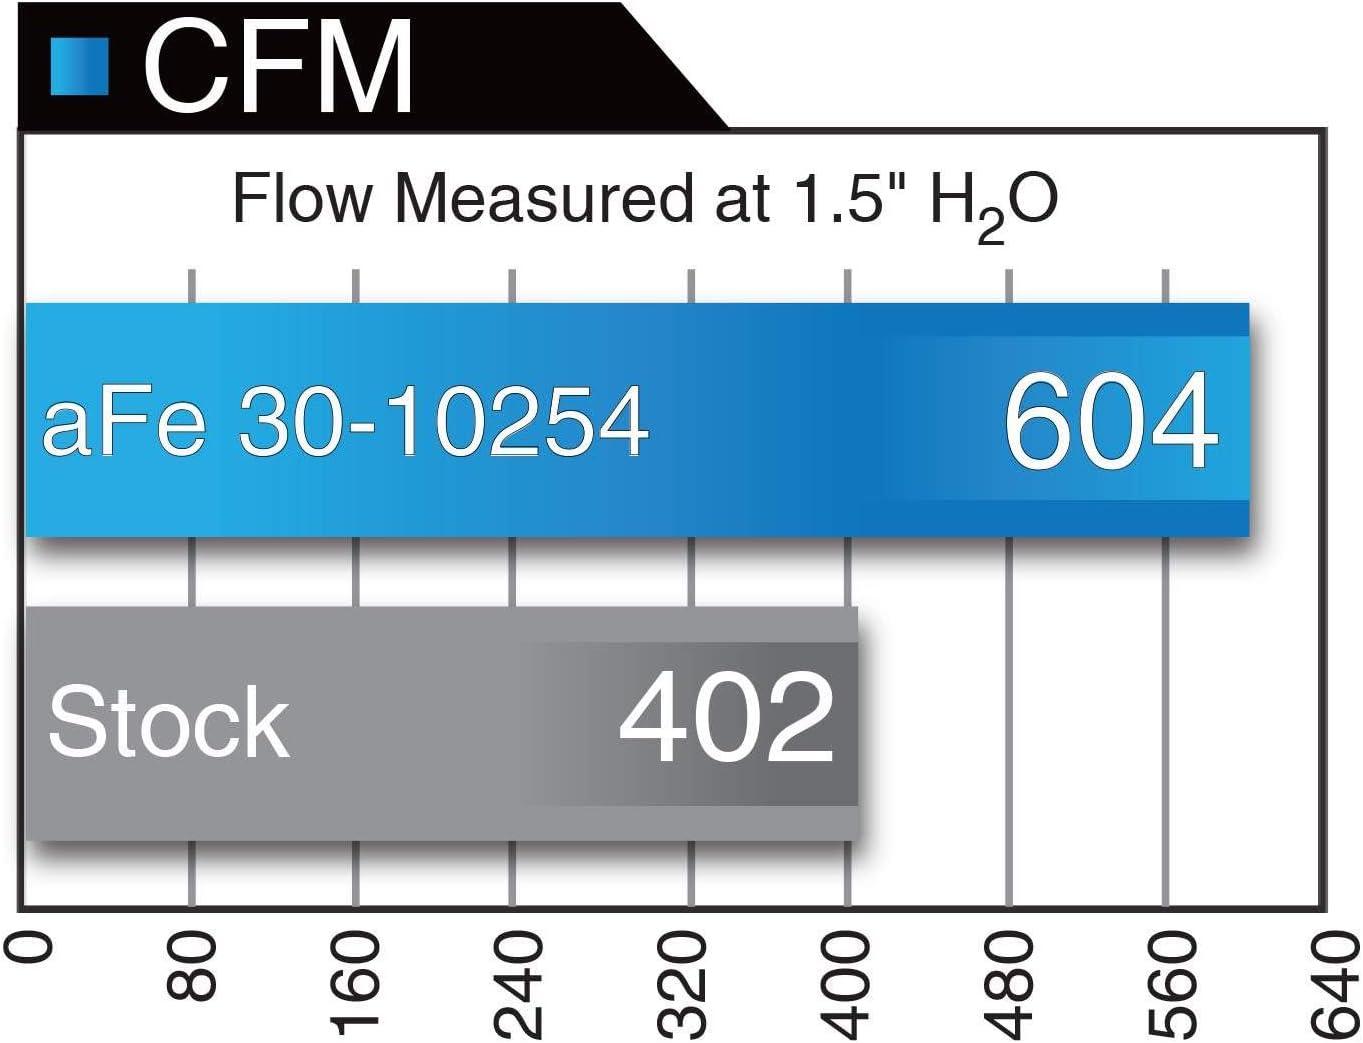 aFe Power 30-10254 Magnum FLOW OER Pro 5R Air Filter for Audi A3